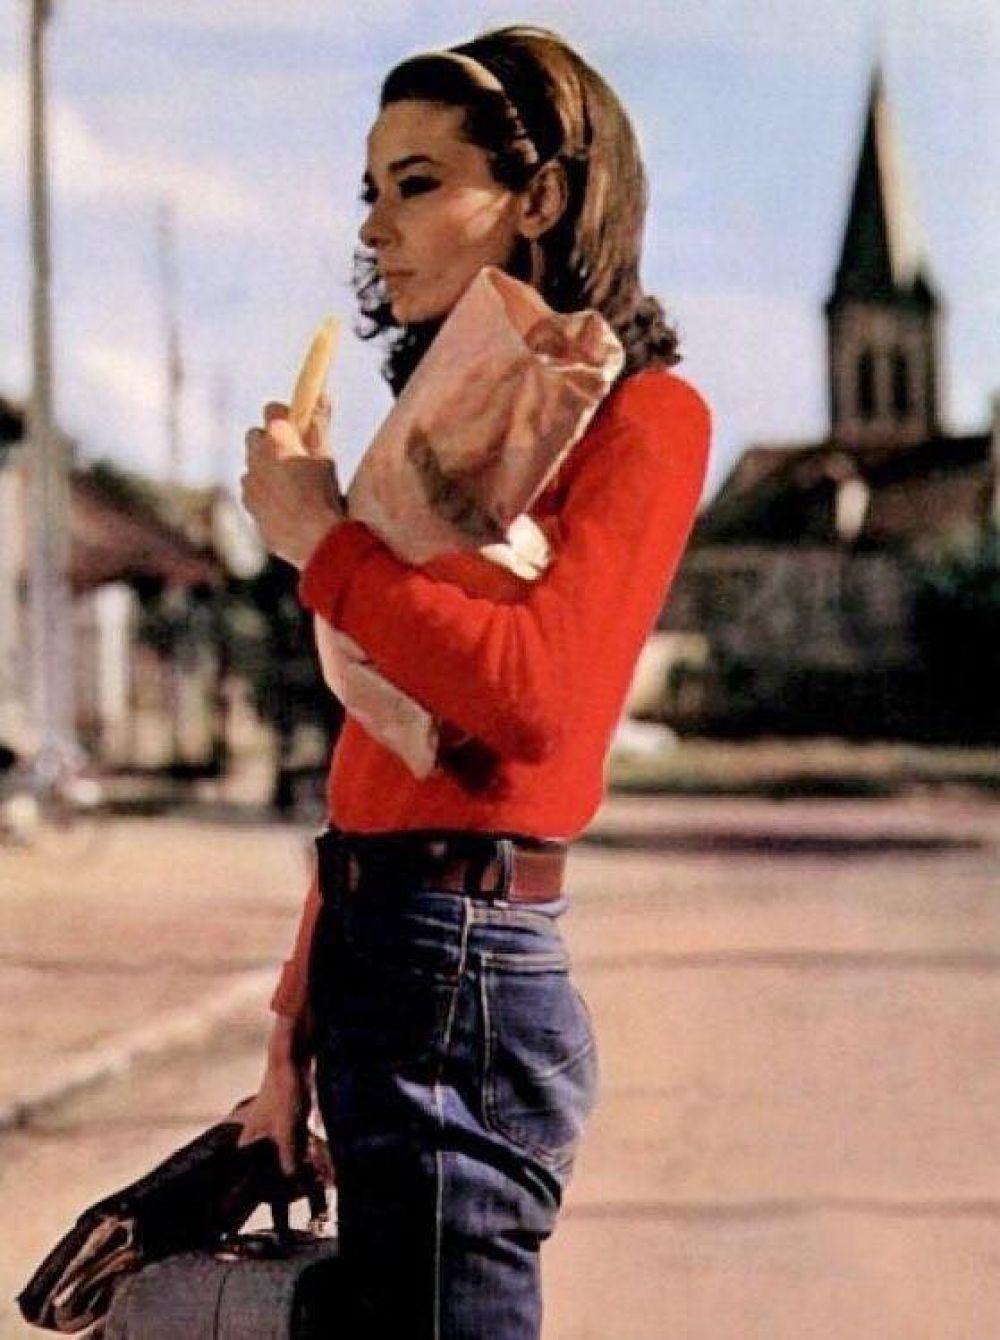 """Еще одна интересная роль Одри Хепберн состоялась в кино в 1967 году, когда на экраны вышел фильм """"Двое в пути"""", в котором рассказывалась история семейной пары на грани развода. В это же время Одри Хепберн становится настоящей иконой стиля благодаря фотосессиям в журналах и дизайнерским показам."""